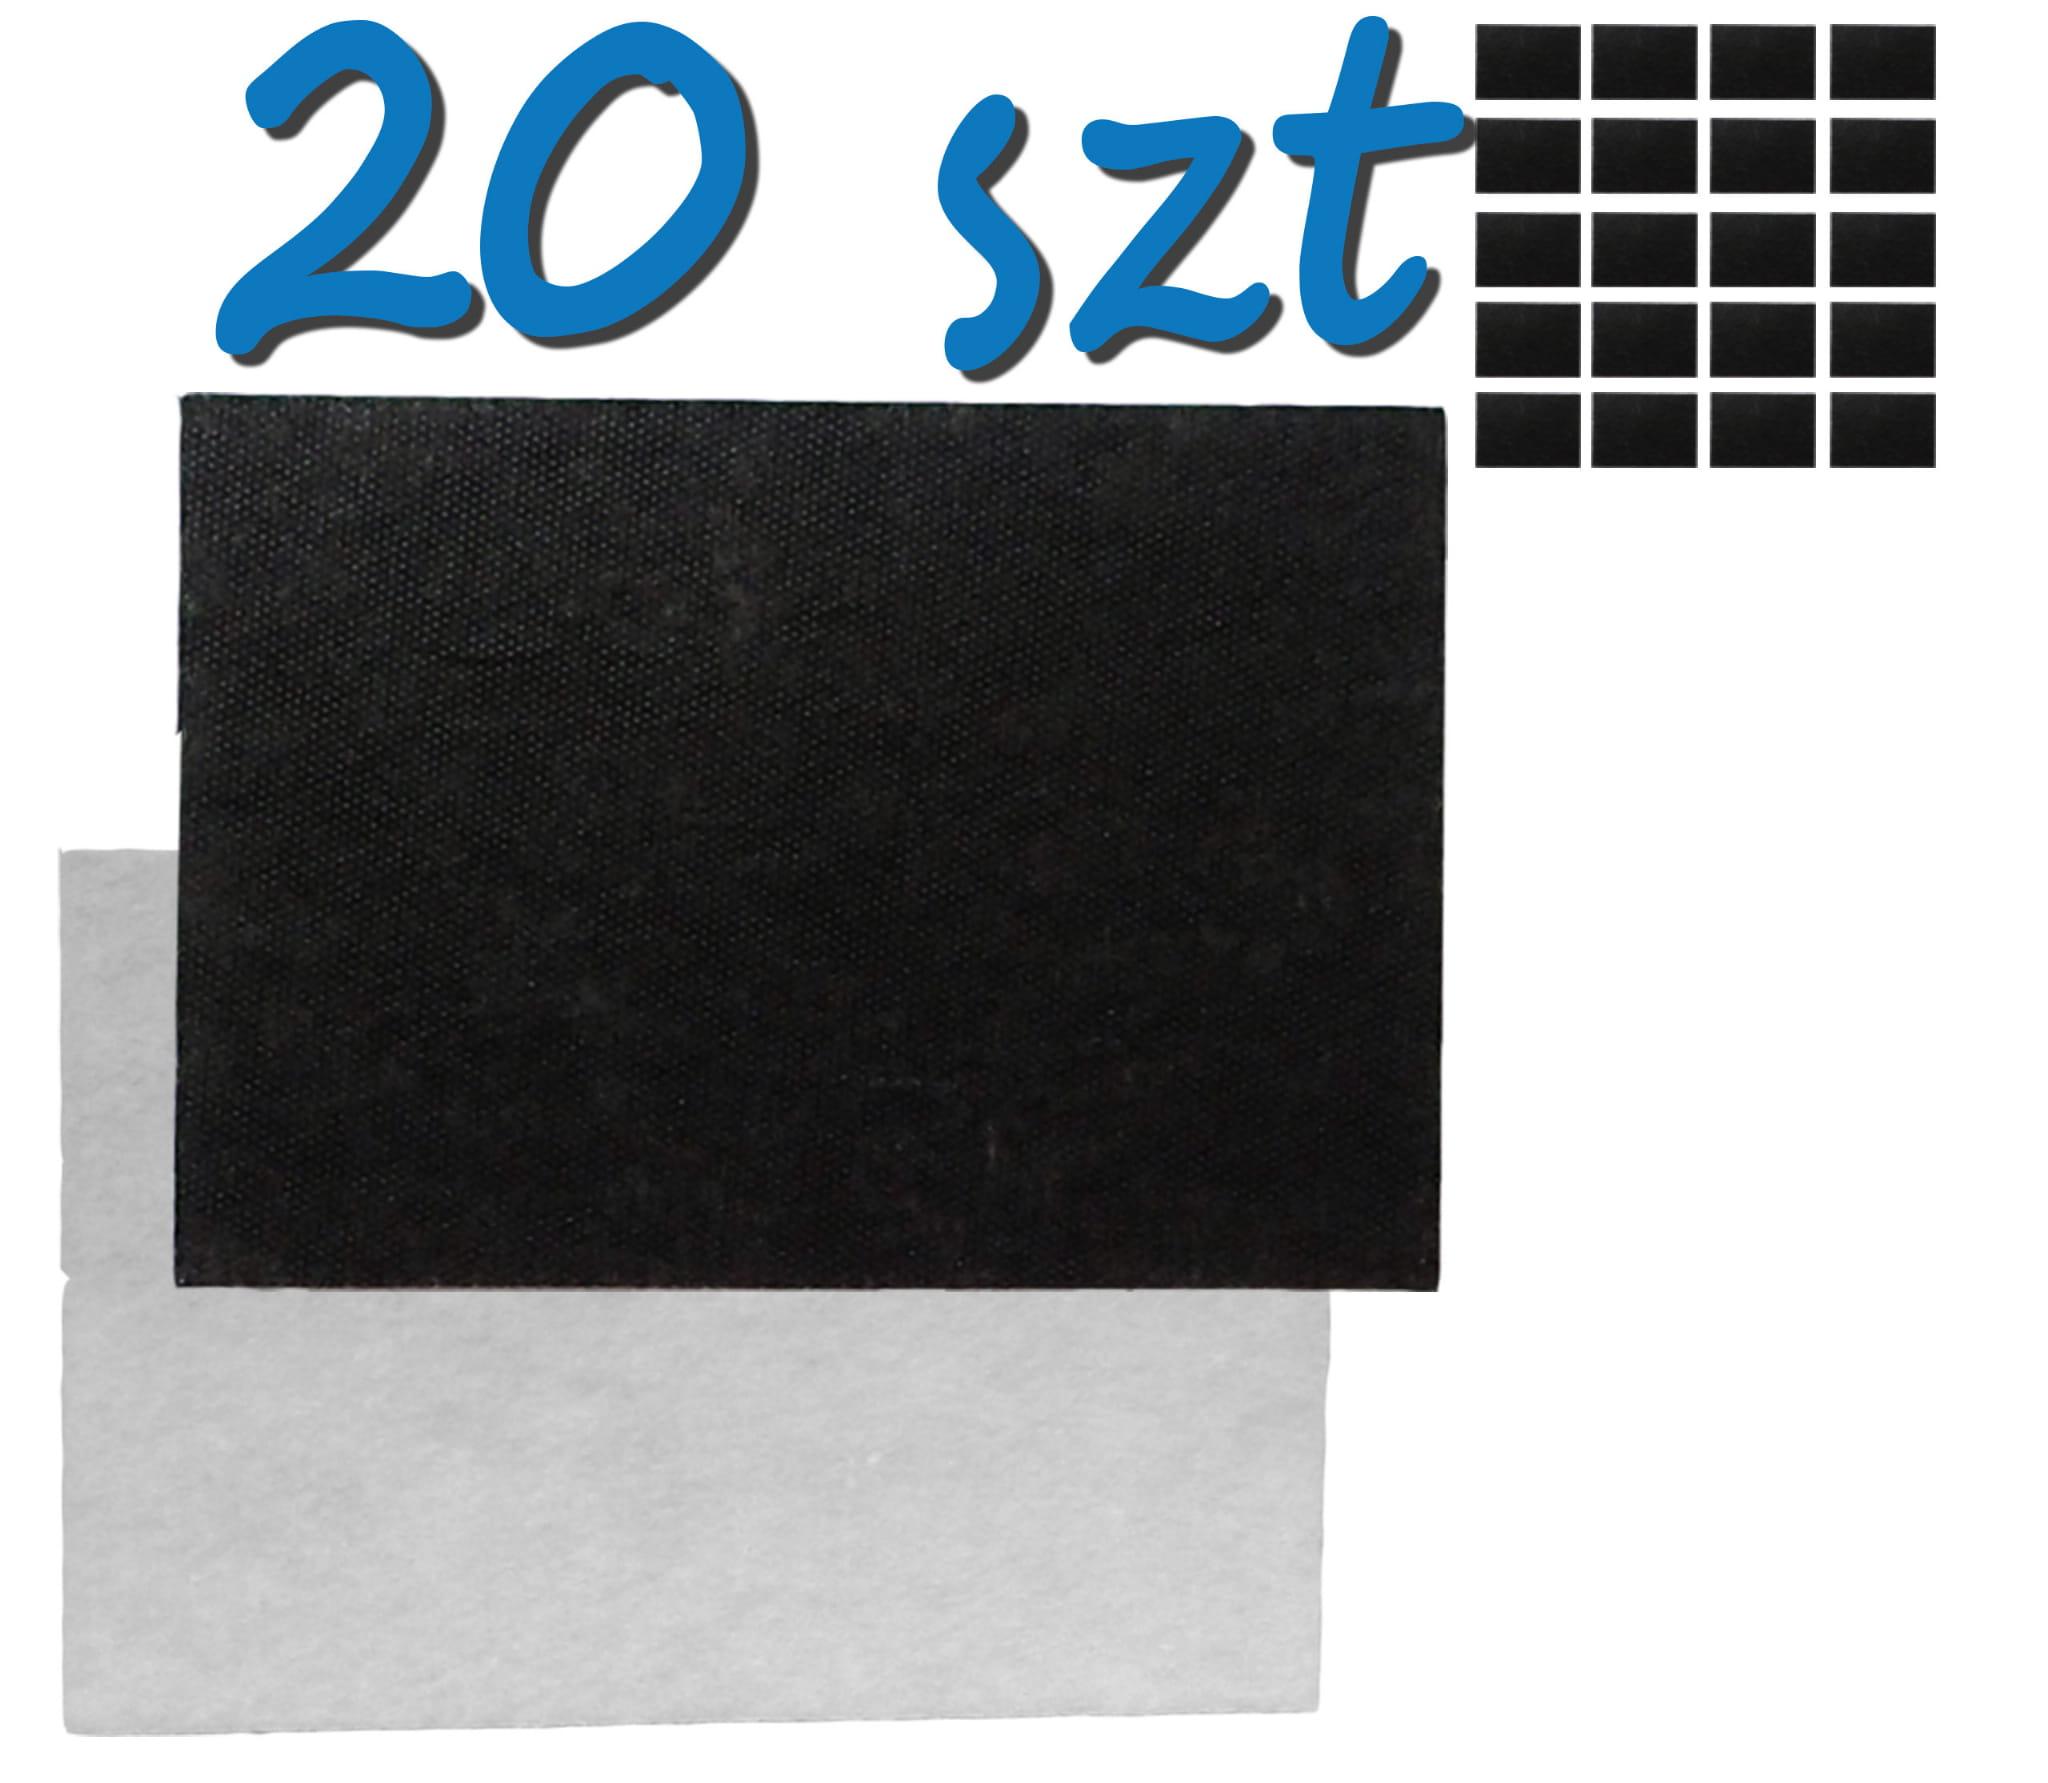 odkurzacz zelmer filtr biały i biało czarny